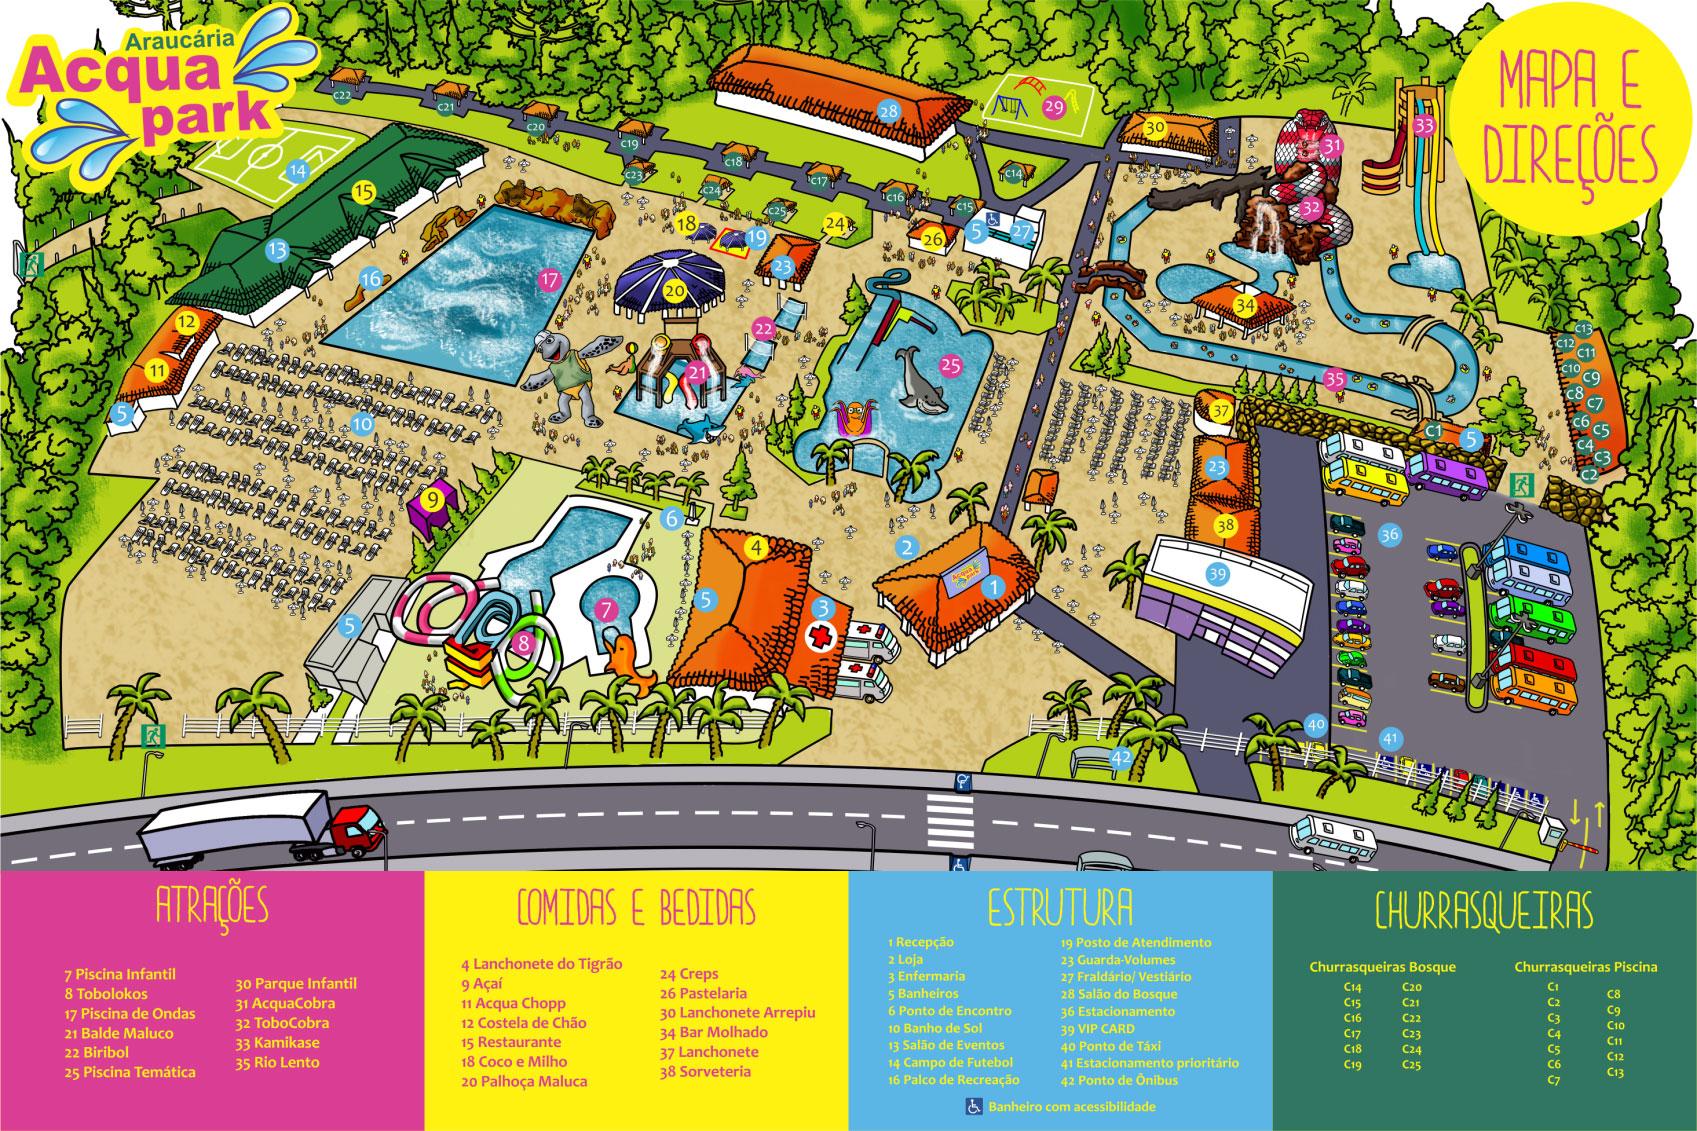 Mapa do Parque